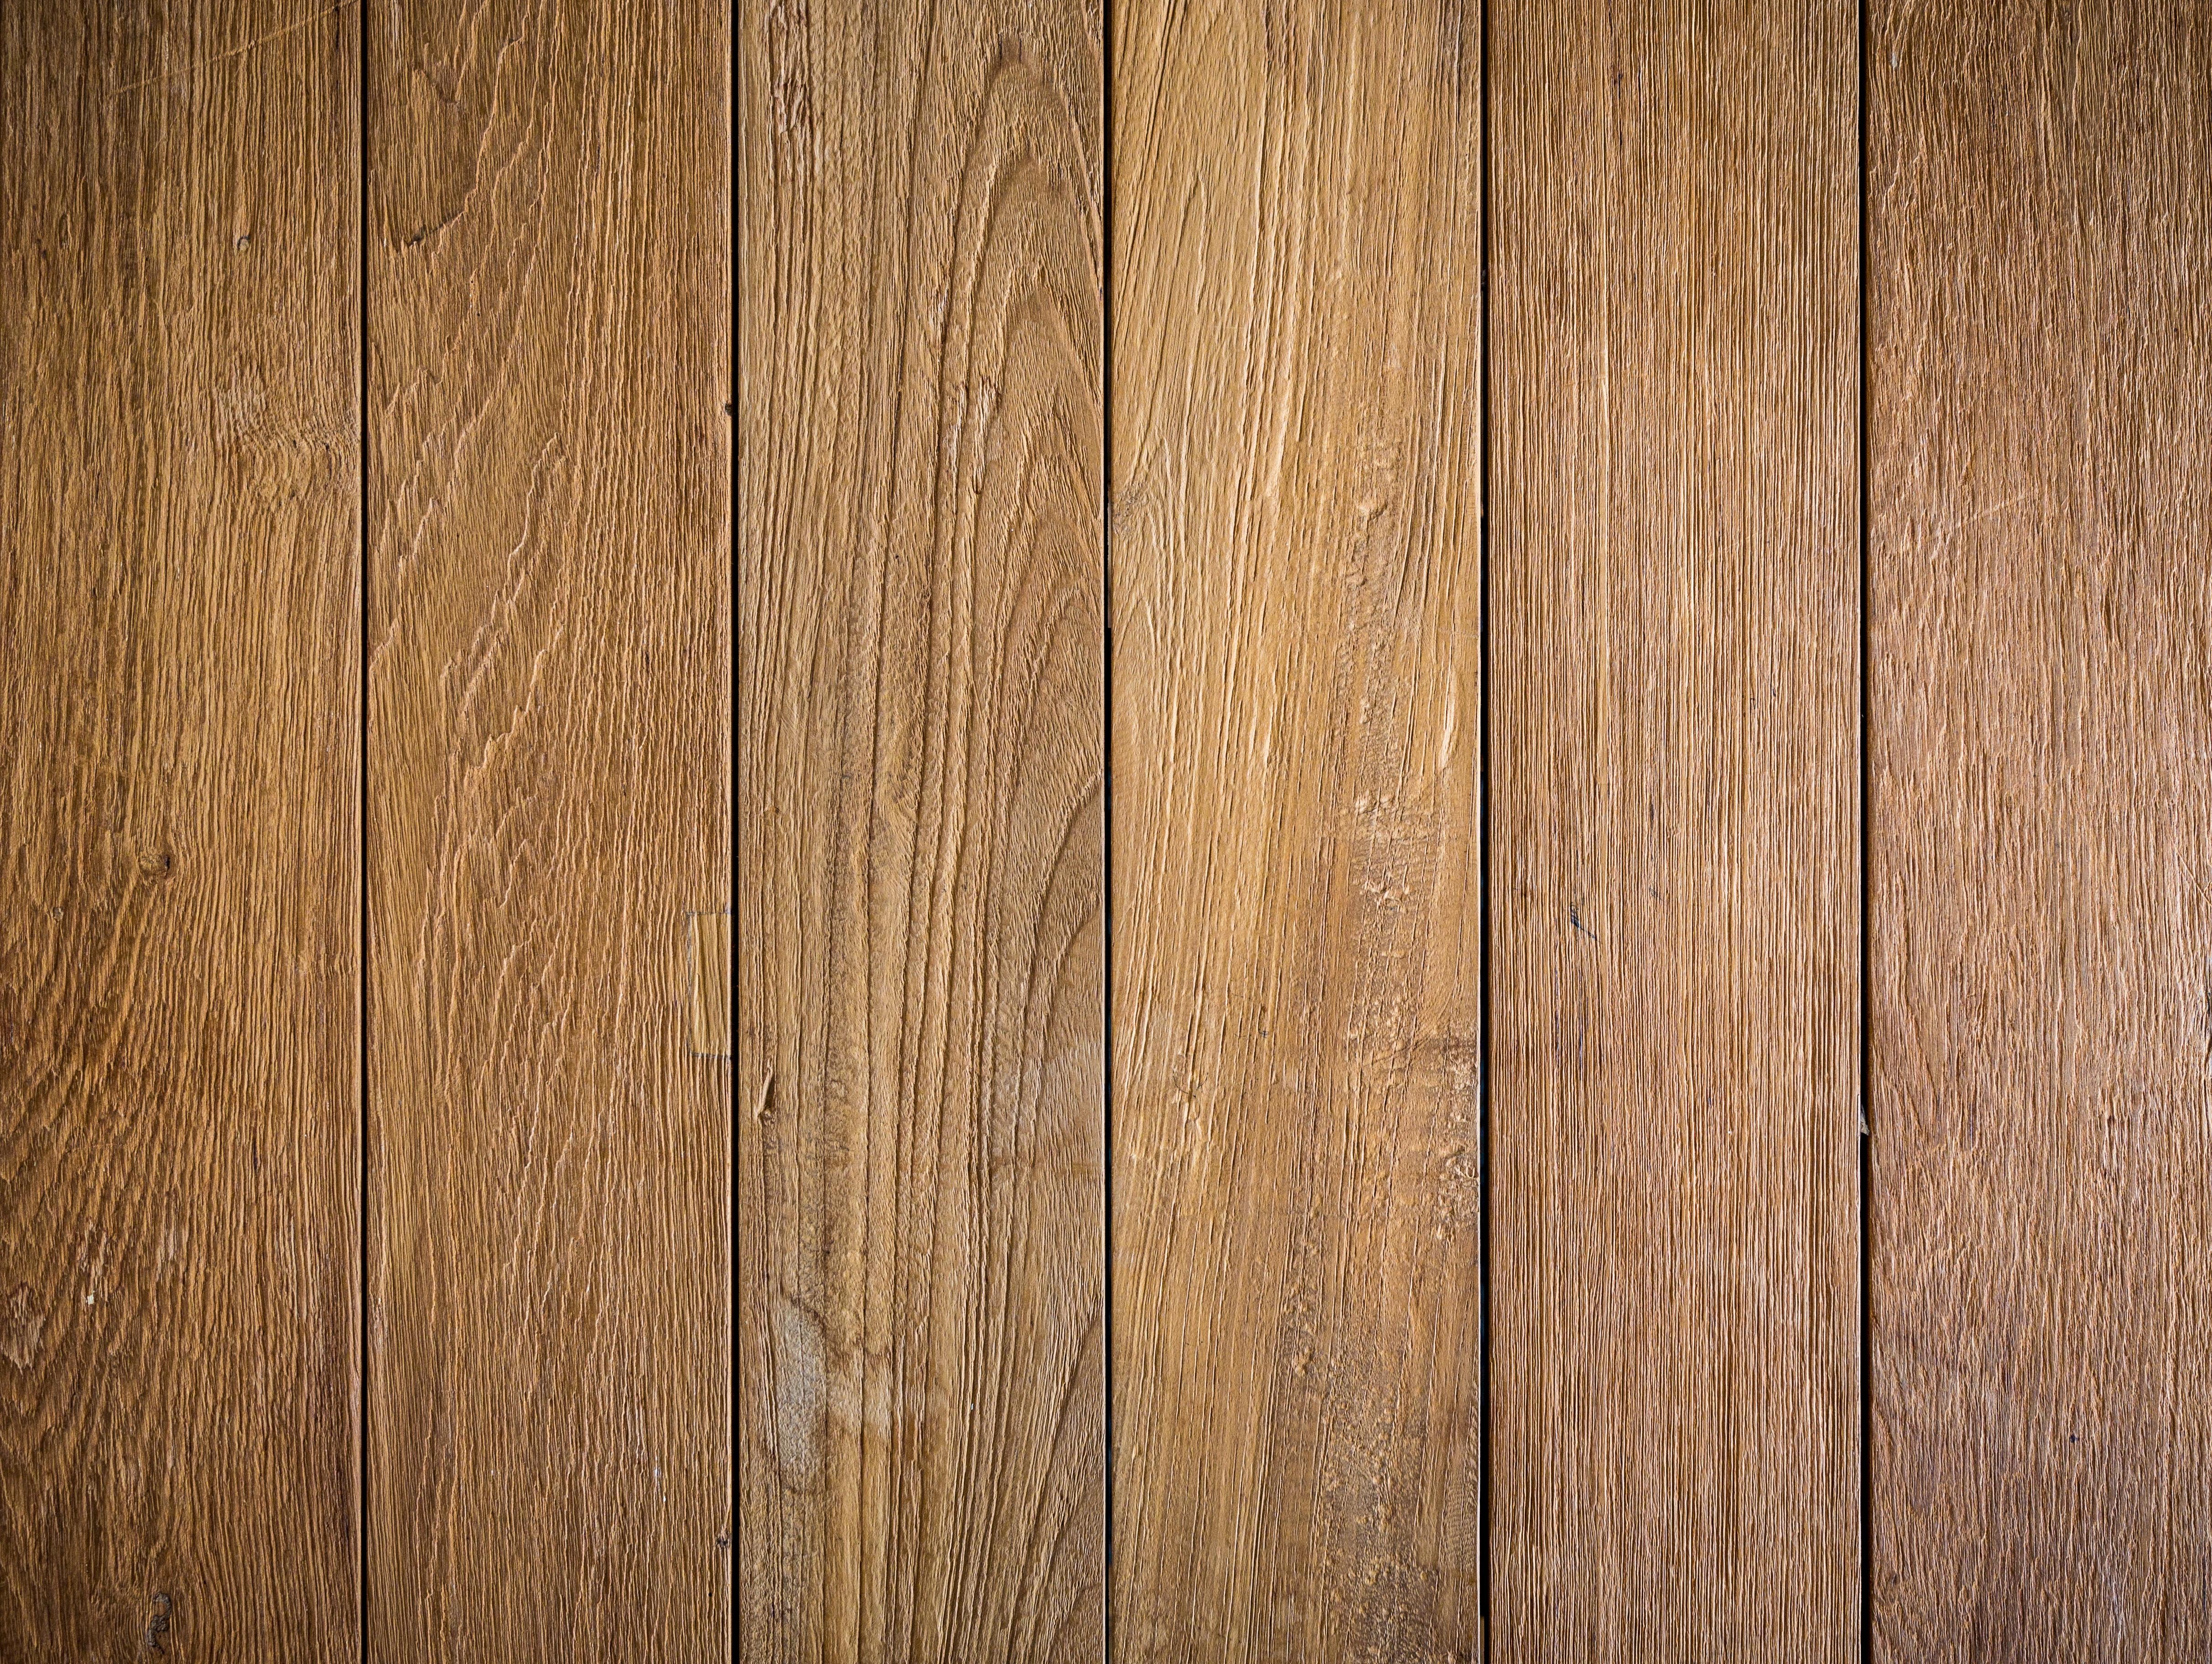 Plank Floor Lumber